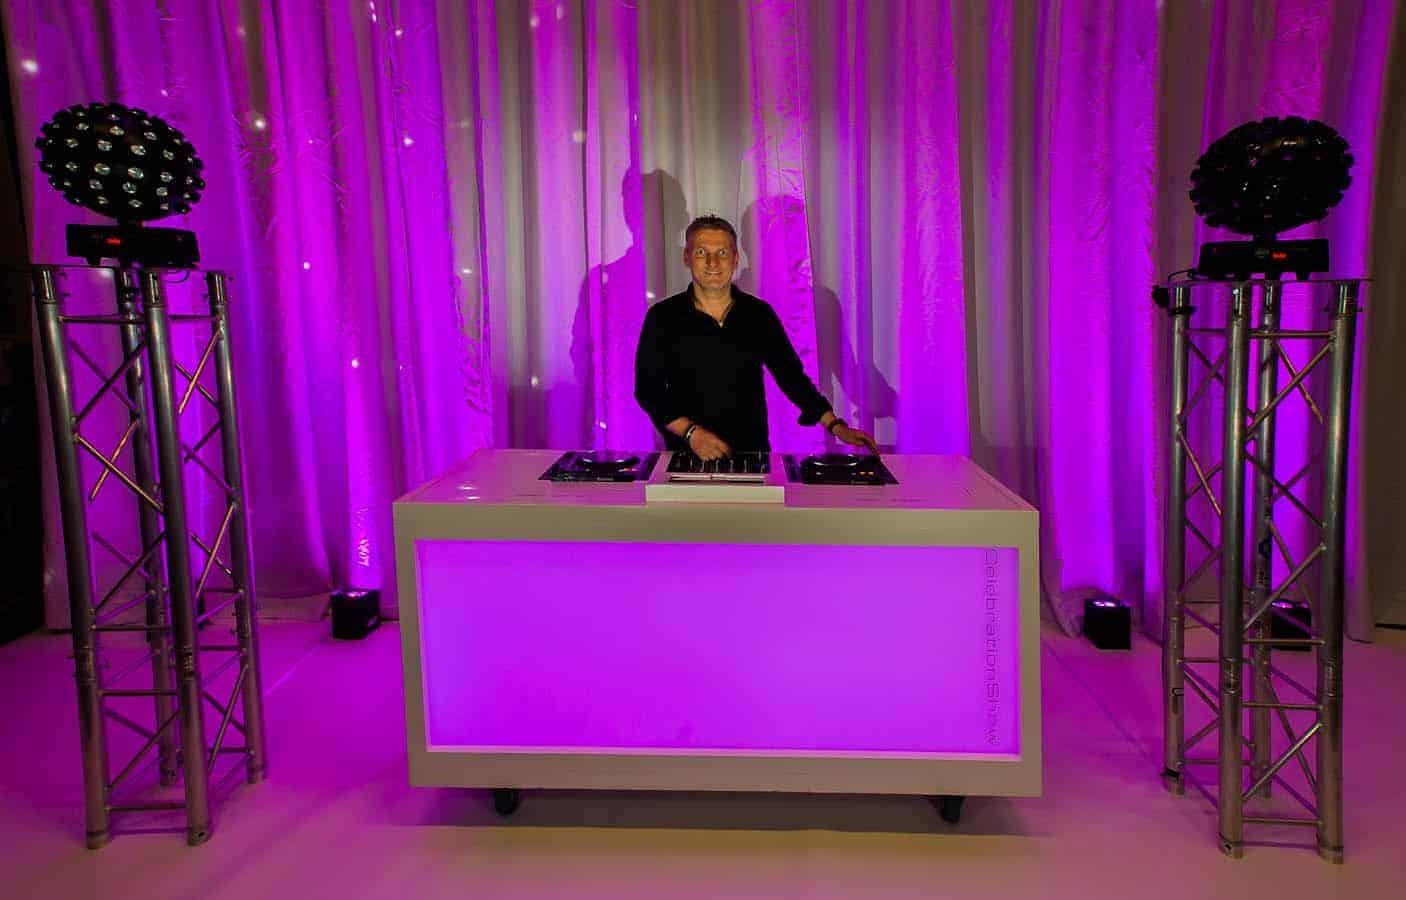 Dj Meubel Huren : Verhuur dj booth basic incl pioneer dj set